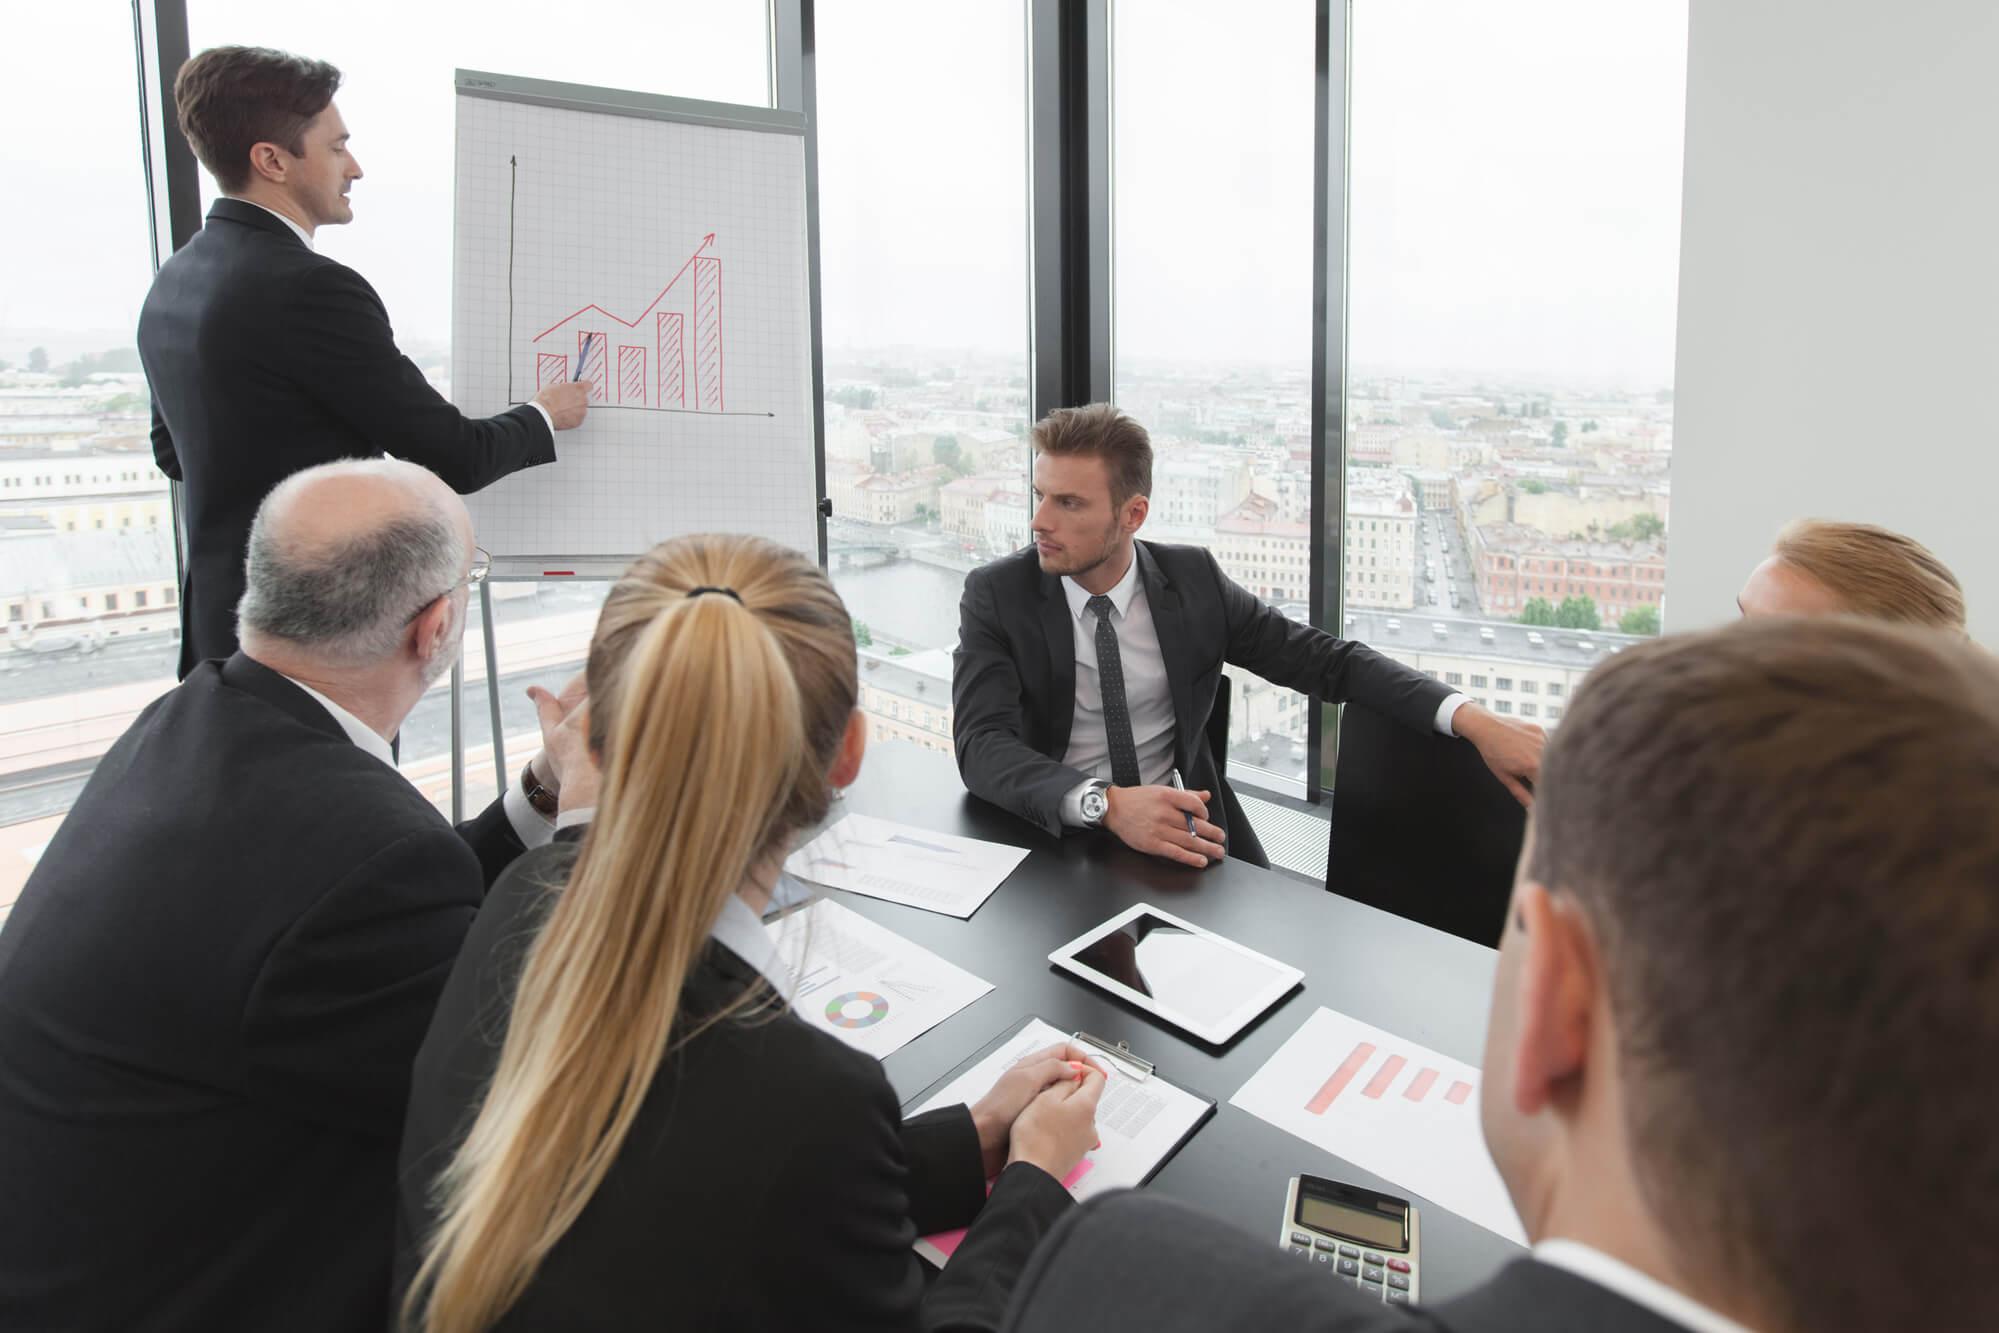 Convencendo sua diretoria a investir em QVT: retorno financeiro